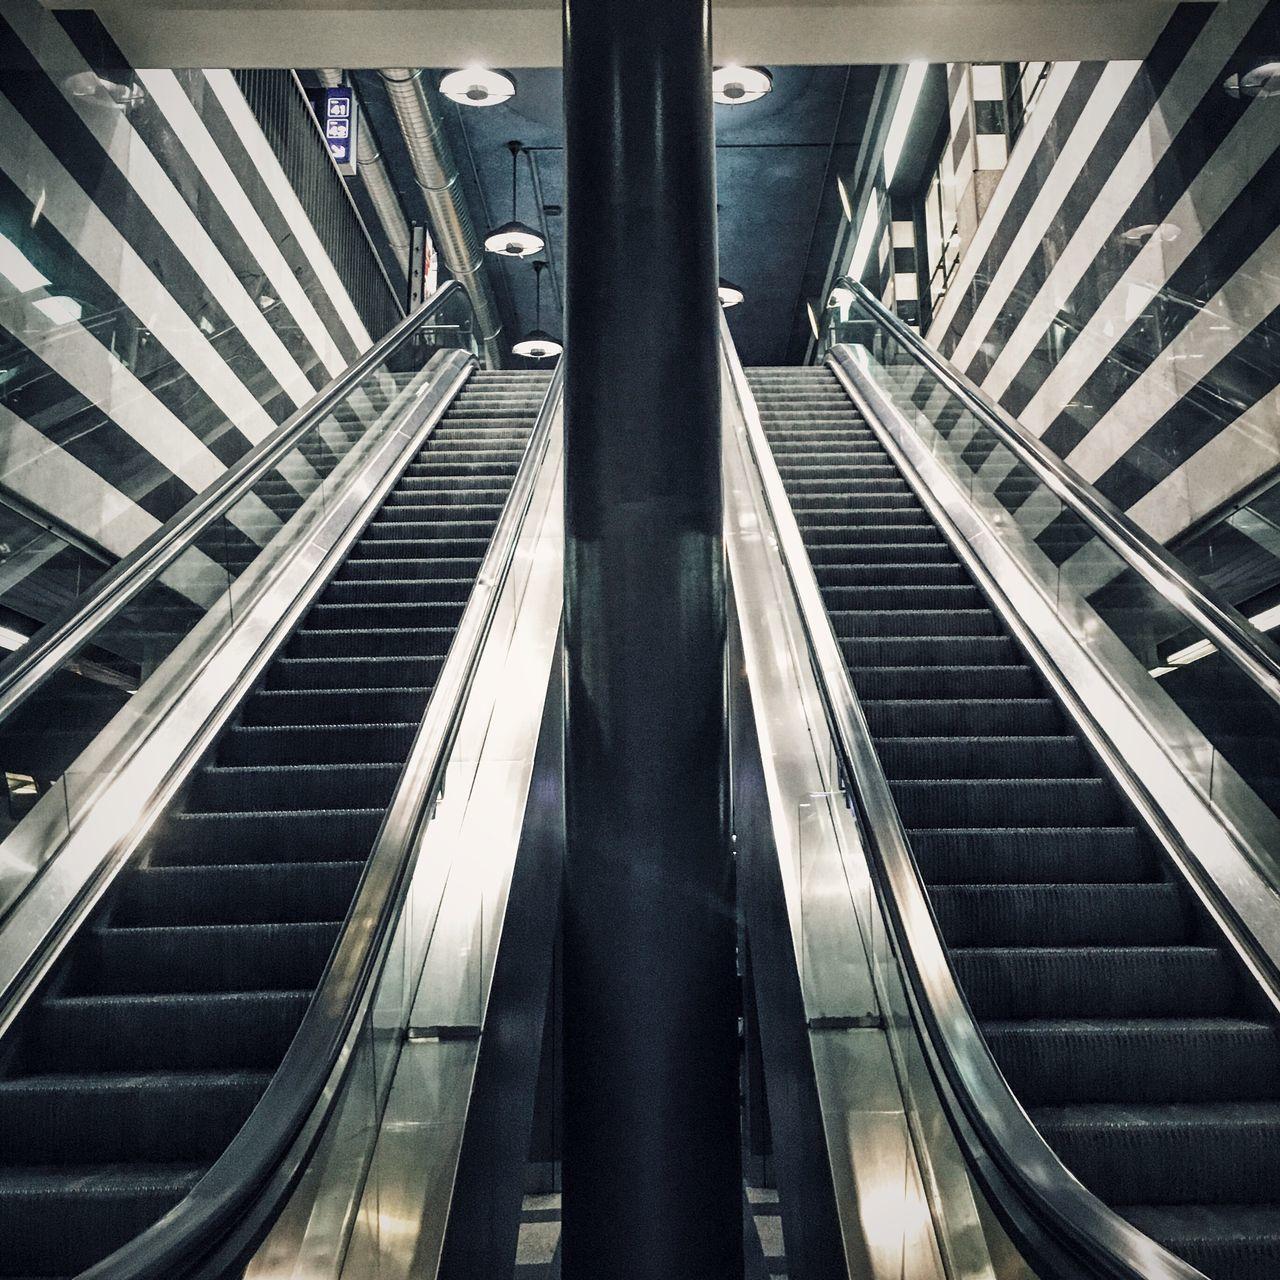 Low Angle View Of Escalators At Subway